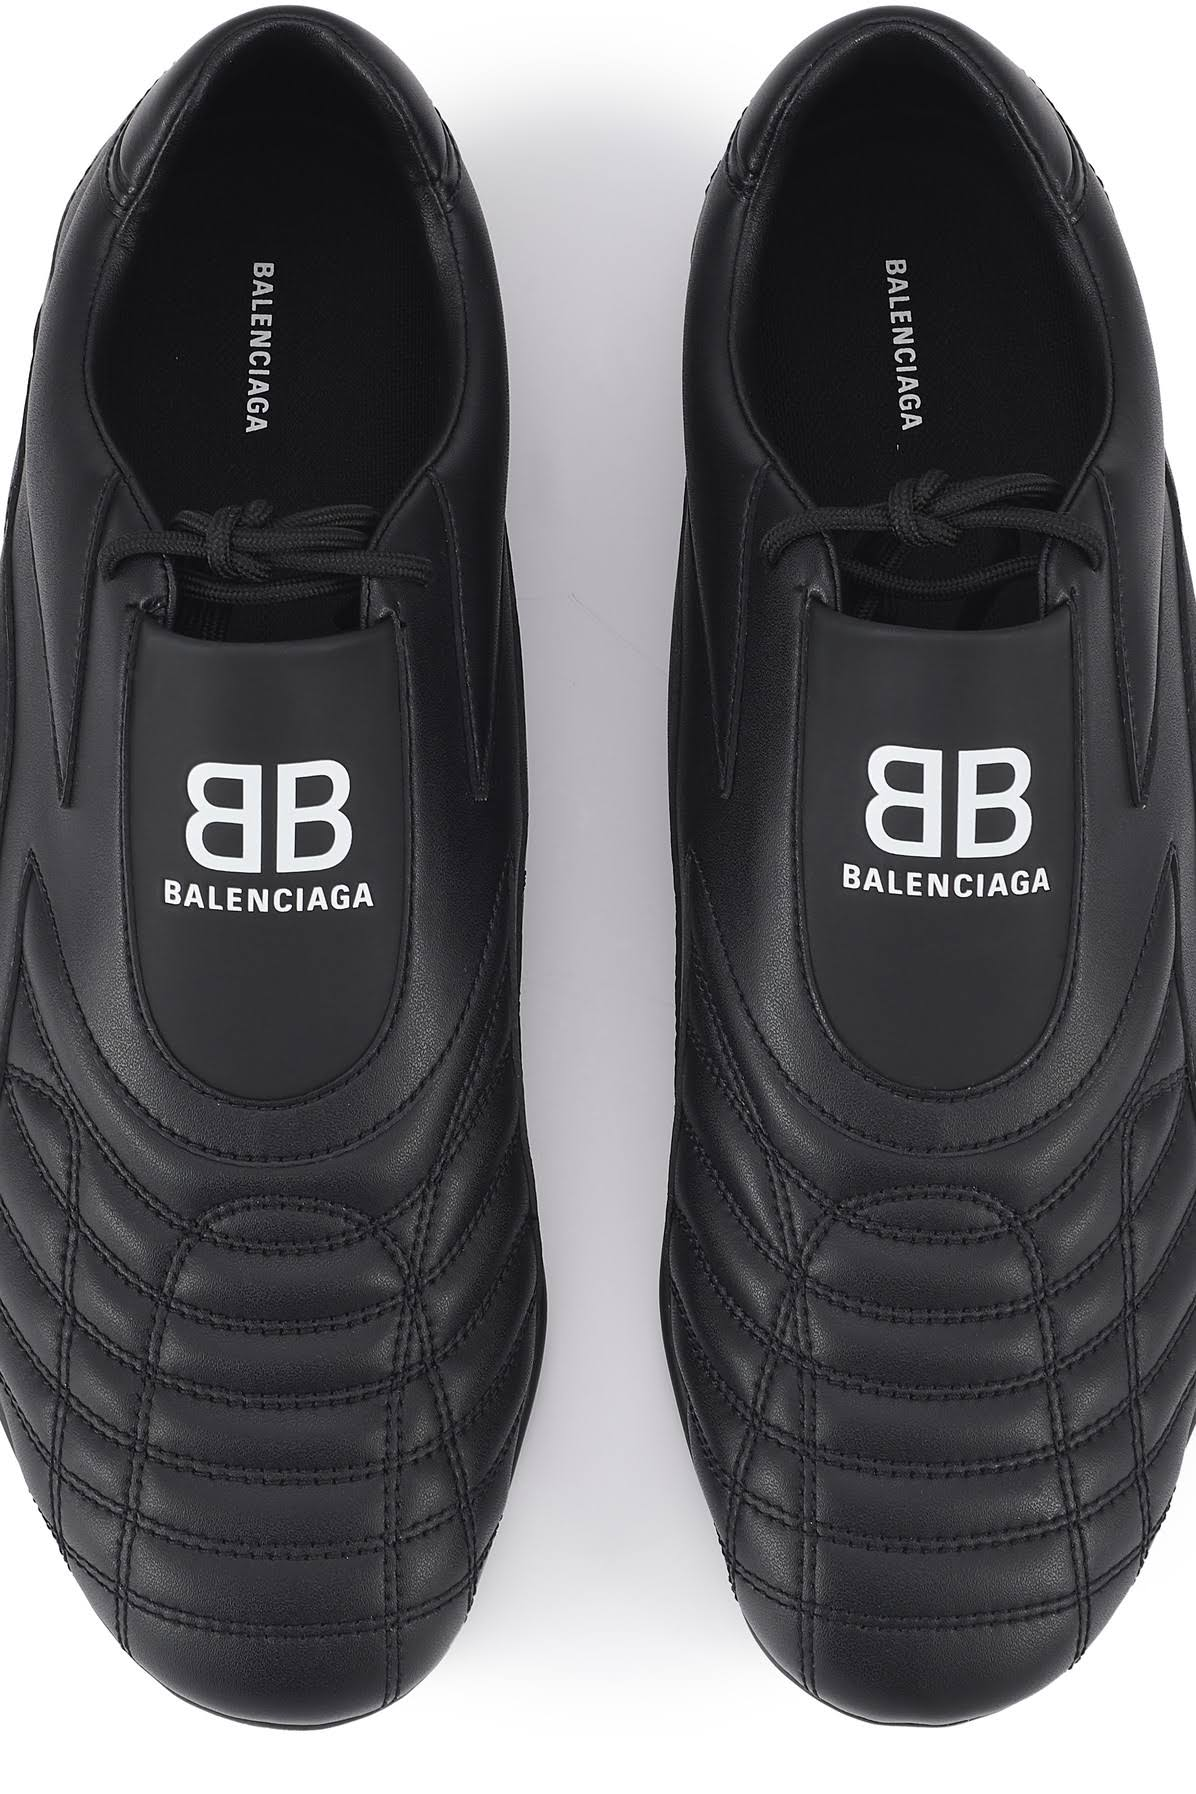 Balenciaga - Zen Sneaker, Men, Black